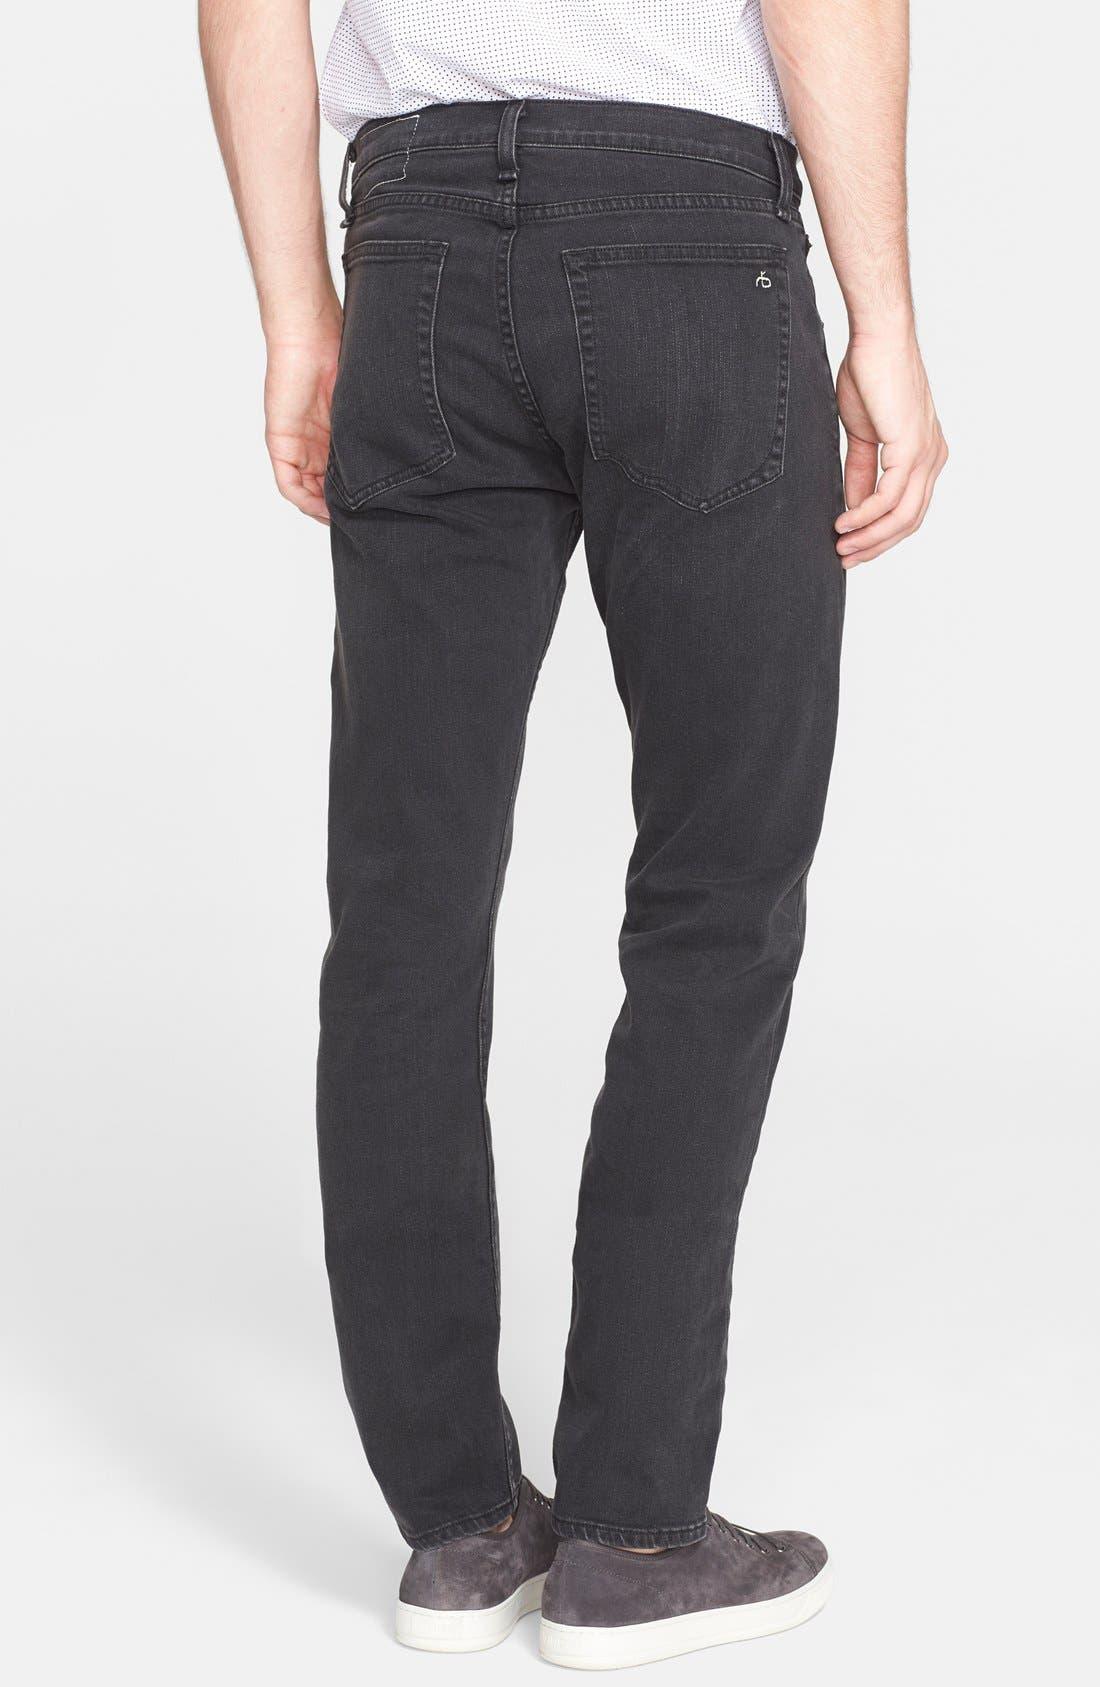 'Fit 2' Slim Fit Jeans,                             Alternate thumbnail 4, color,                             009